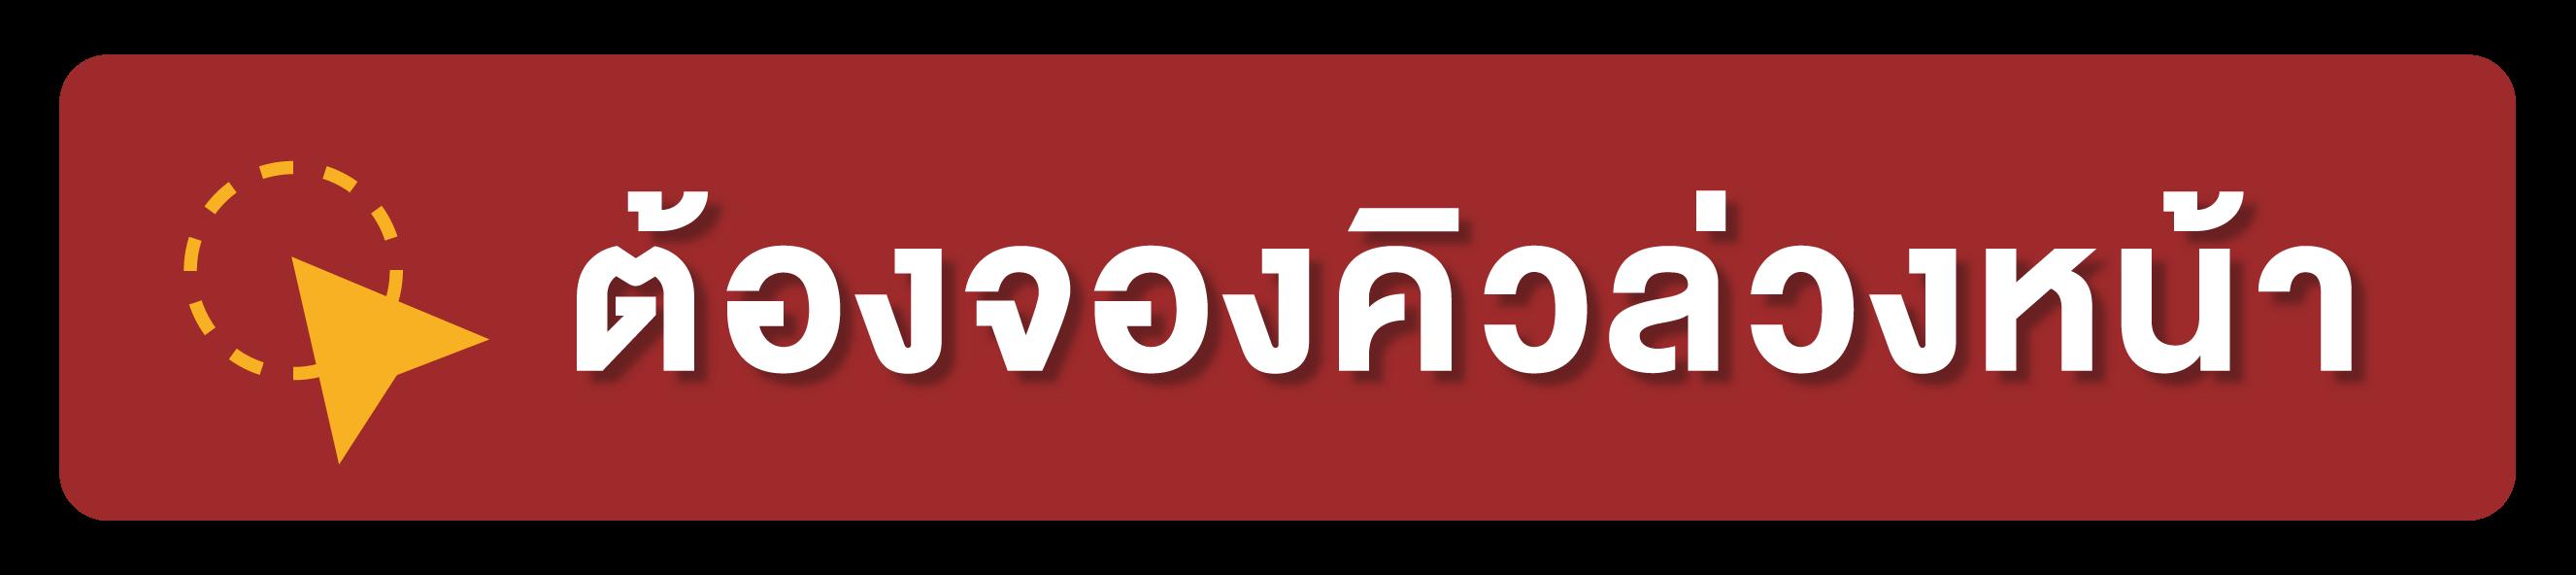 Website-Icon-54